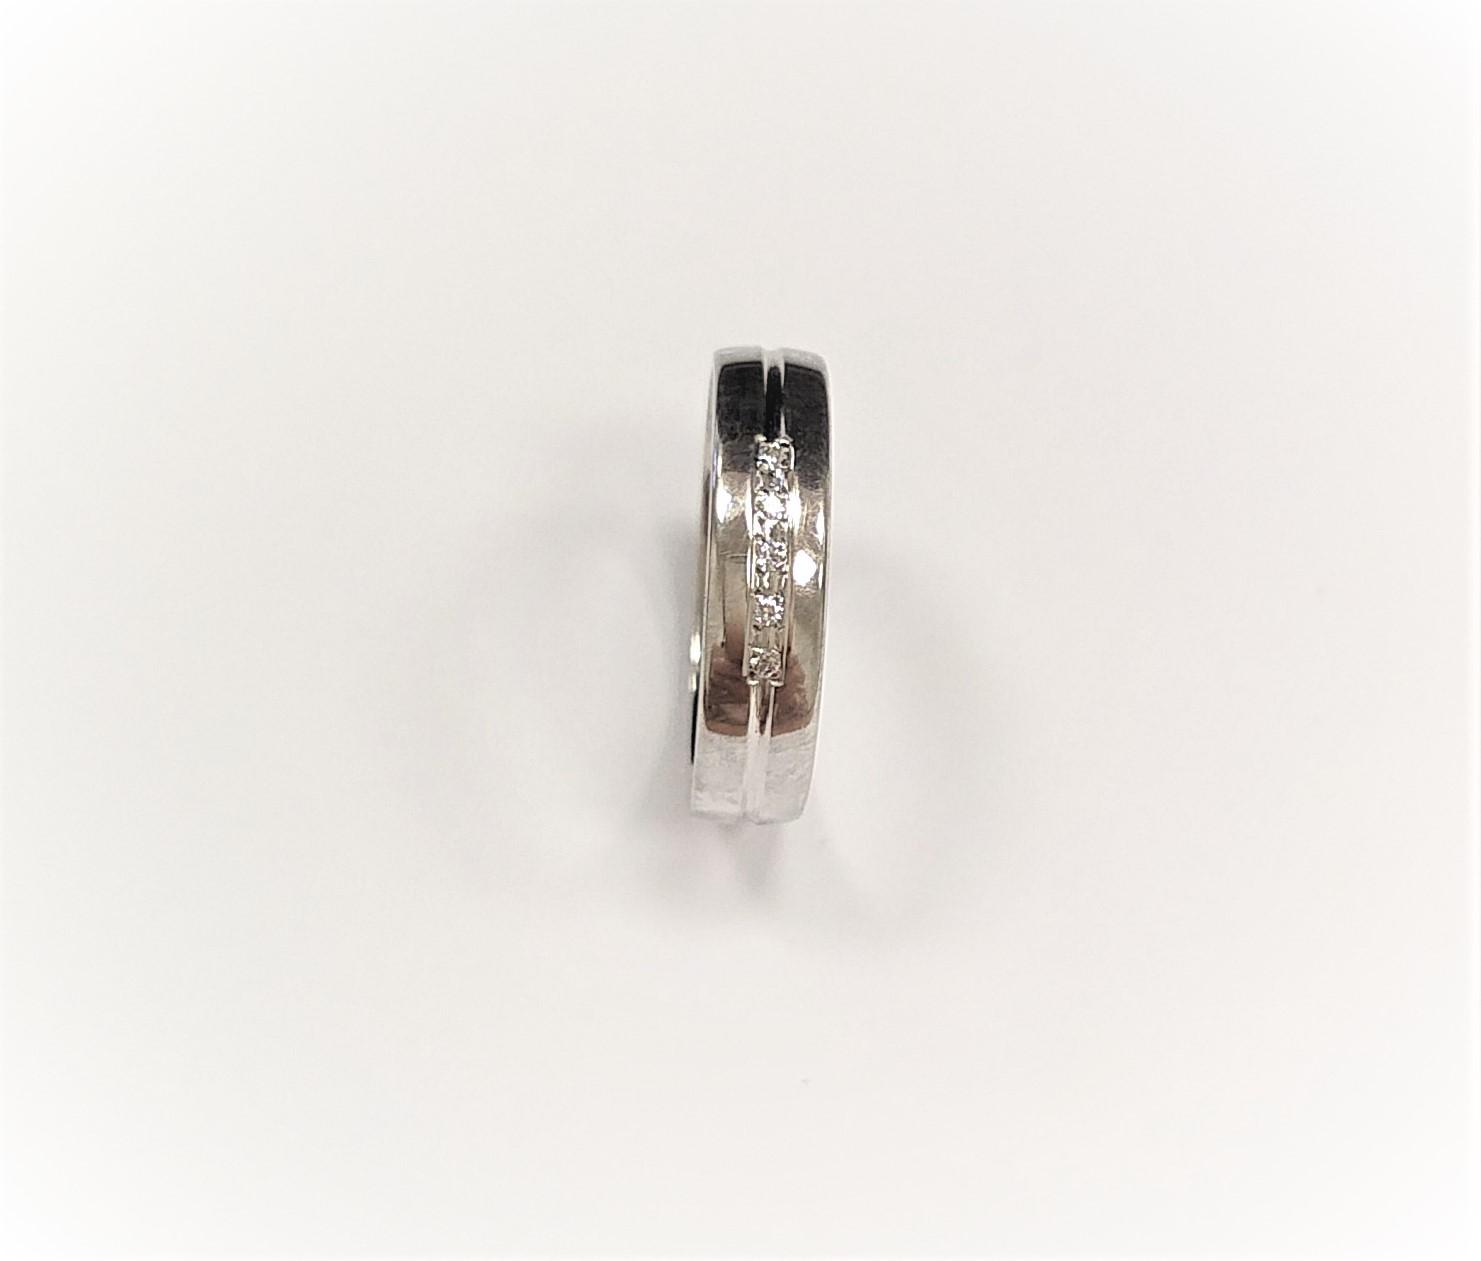 Ochutnávka nových snubních prstenů... - Obrázek č. 4